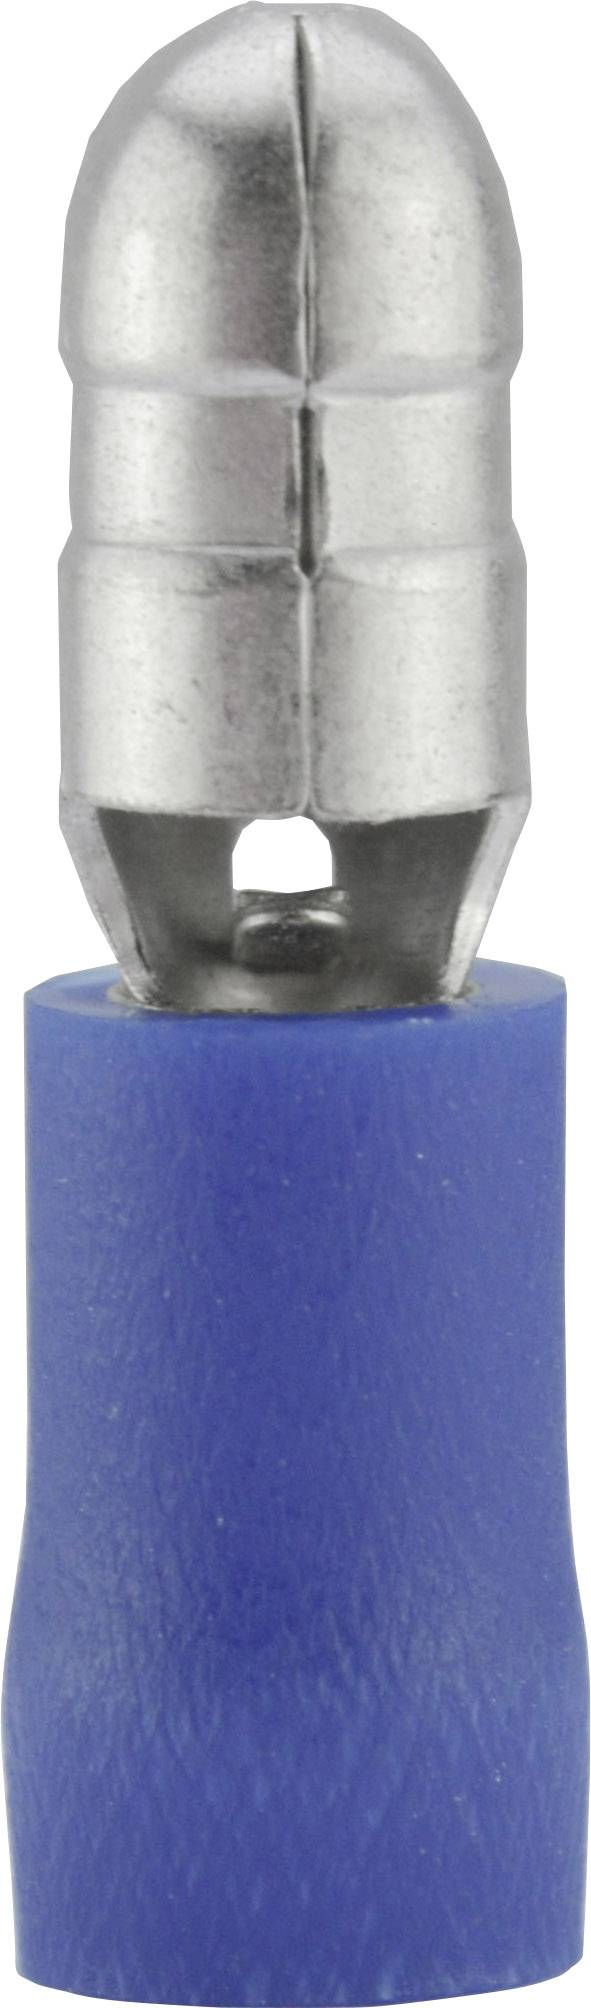 Guľatý faston Vogt Verbindungstechnik 3921S, 1.50 - 2.50 mm², Ø hrotu: 5 mm, čiastočne izolované, modrá, 1 ks